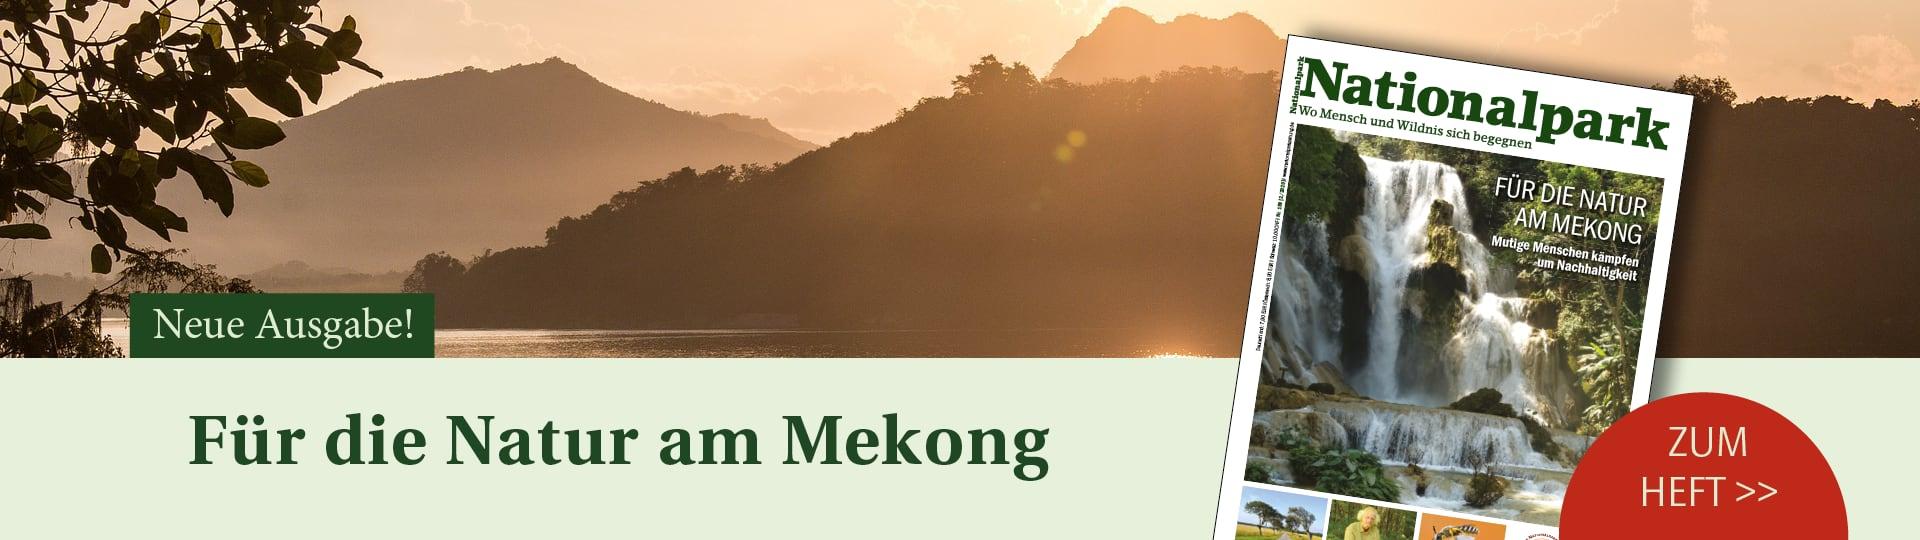 Banner für Ausgabe 2/2020 der Zeitschrift Nationalpark